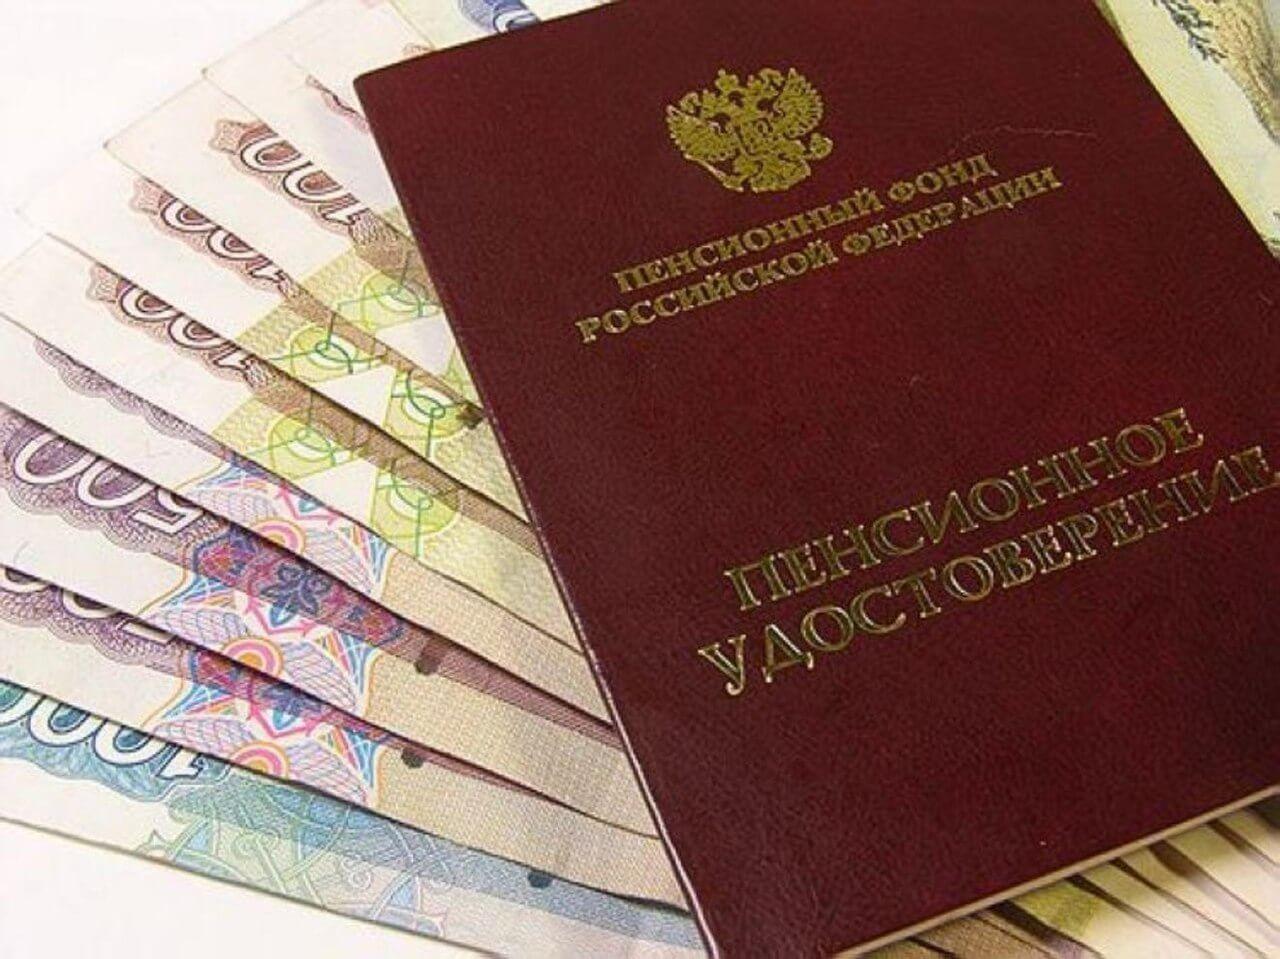 Фото: Пенсионный фонд РФ